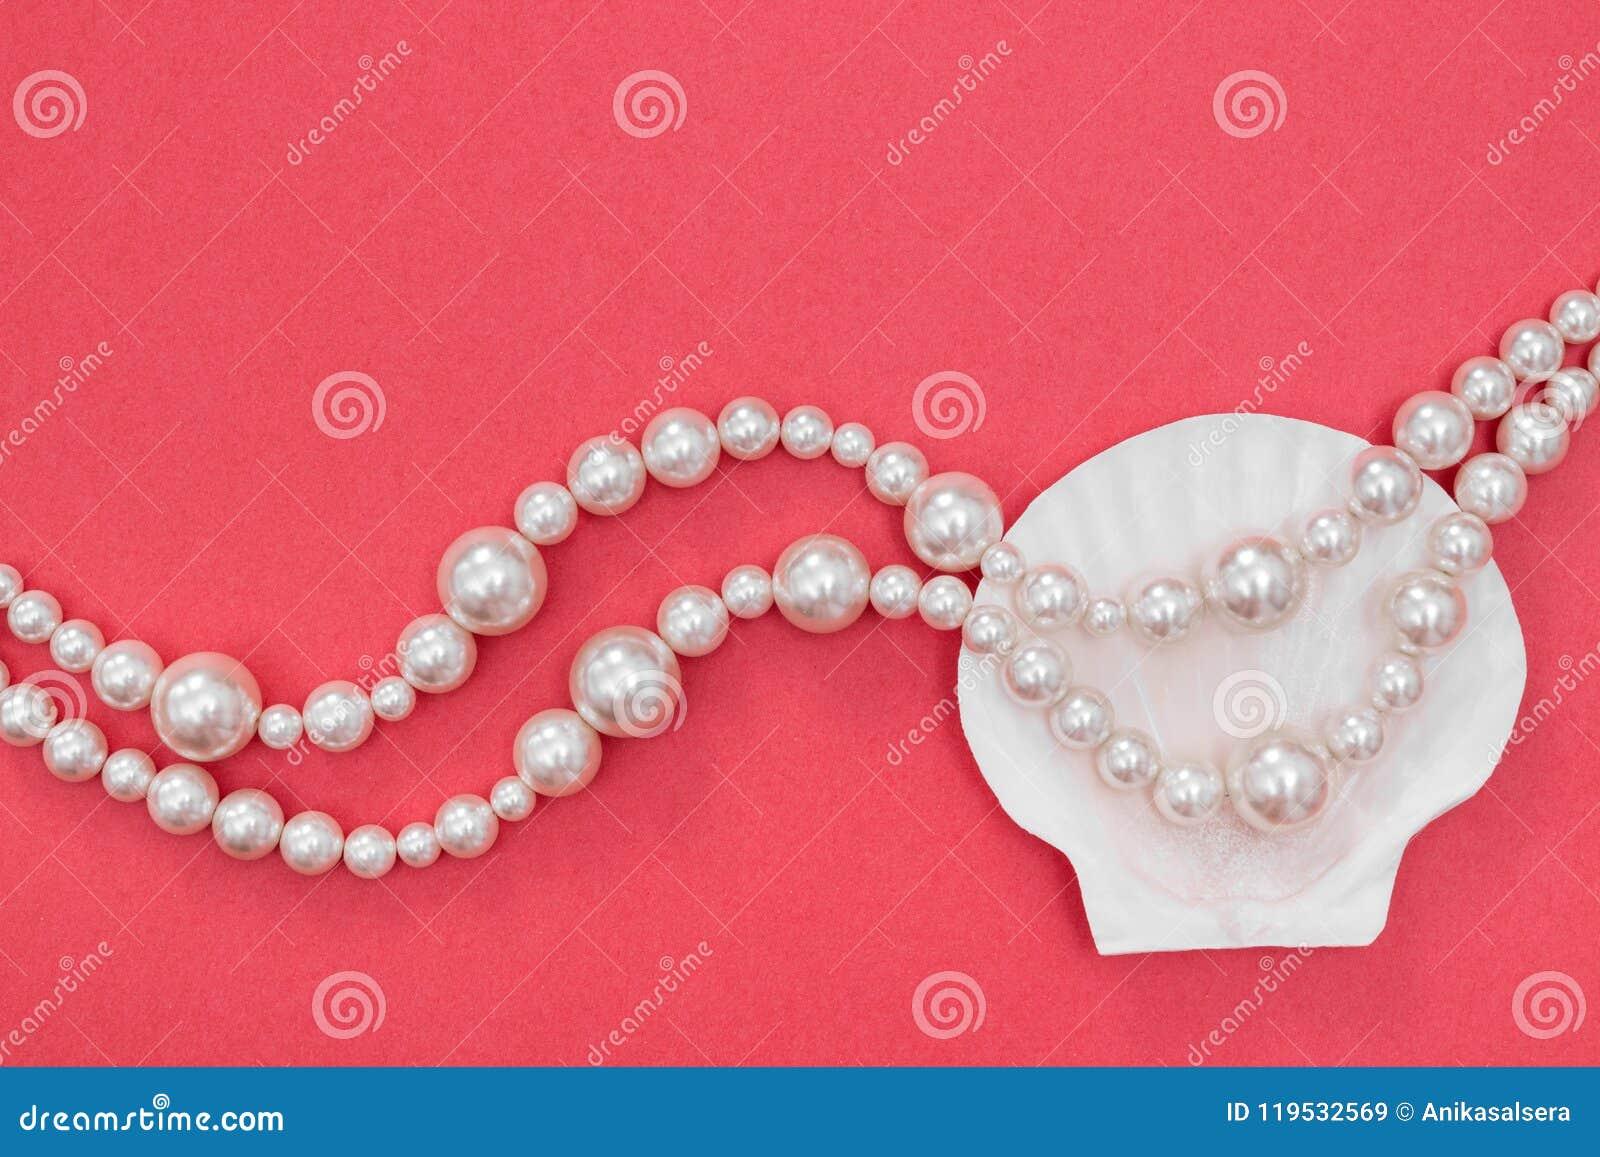 Collar y concha marina de la perla en fondo rosado